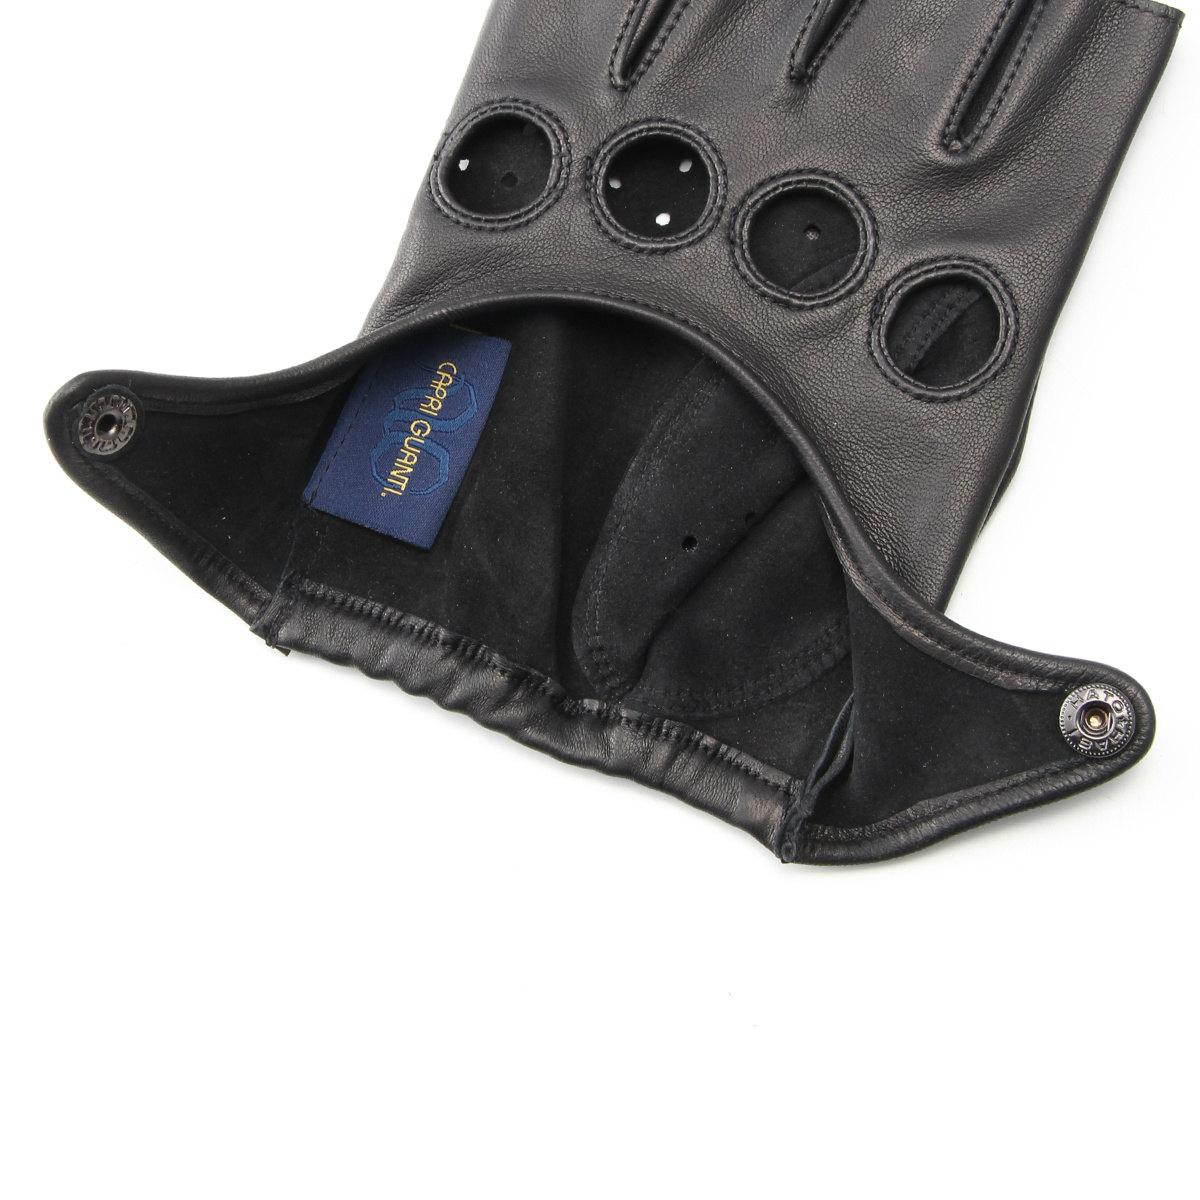 半指 本革 ドライビンググローブ メンズ レディース アルタクラッセ カプリガンティ 8サイズ ブラック 保存袋付 専用箱入